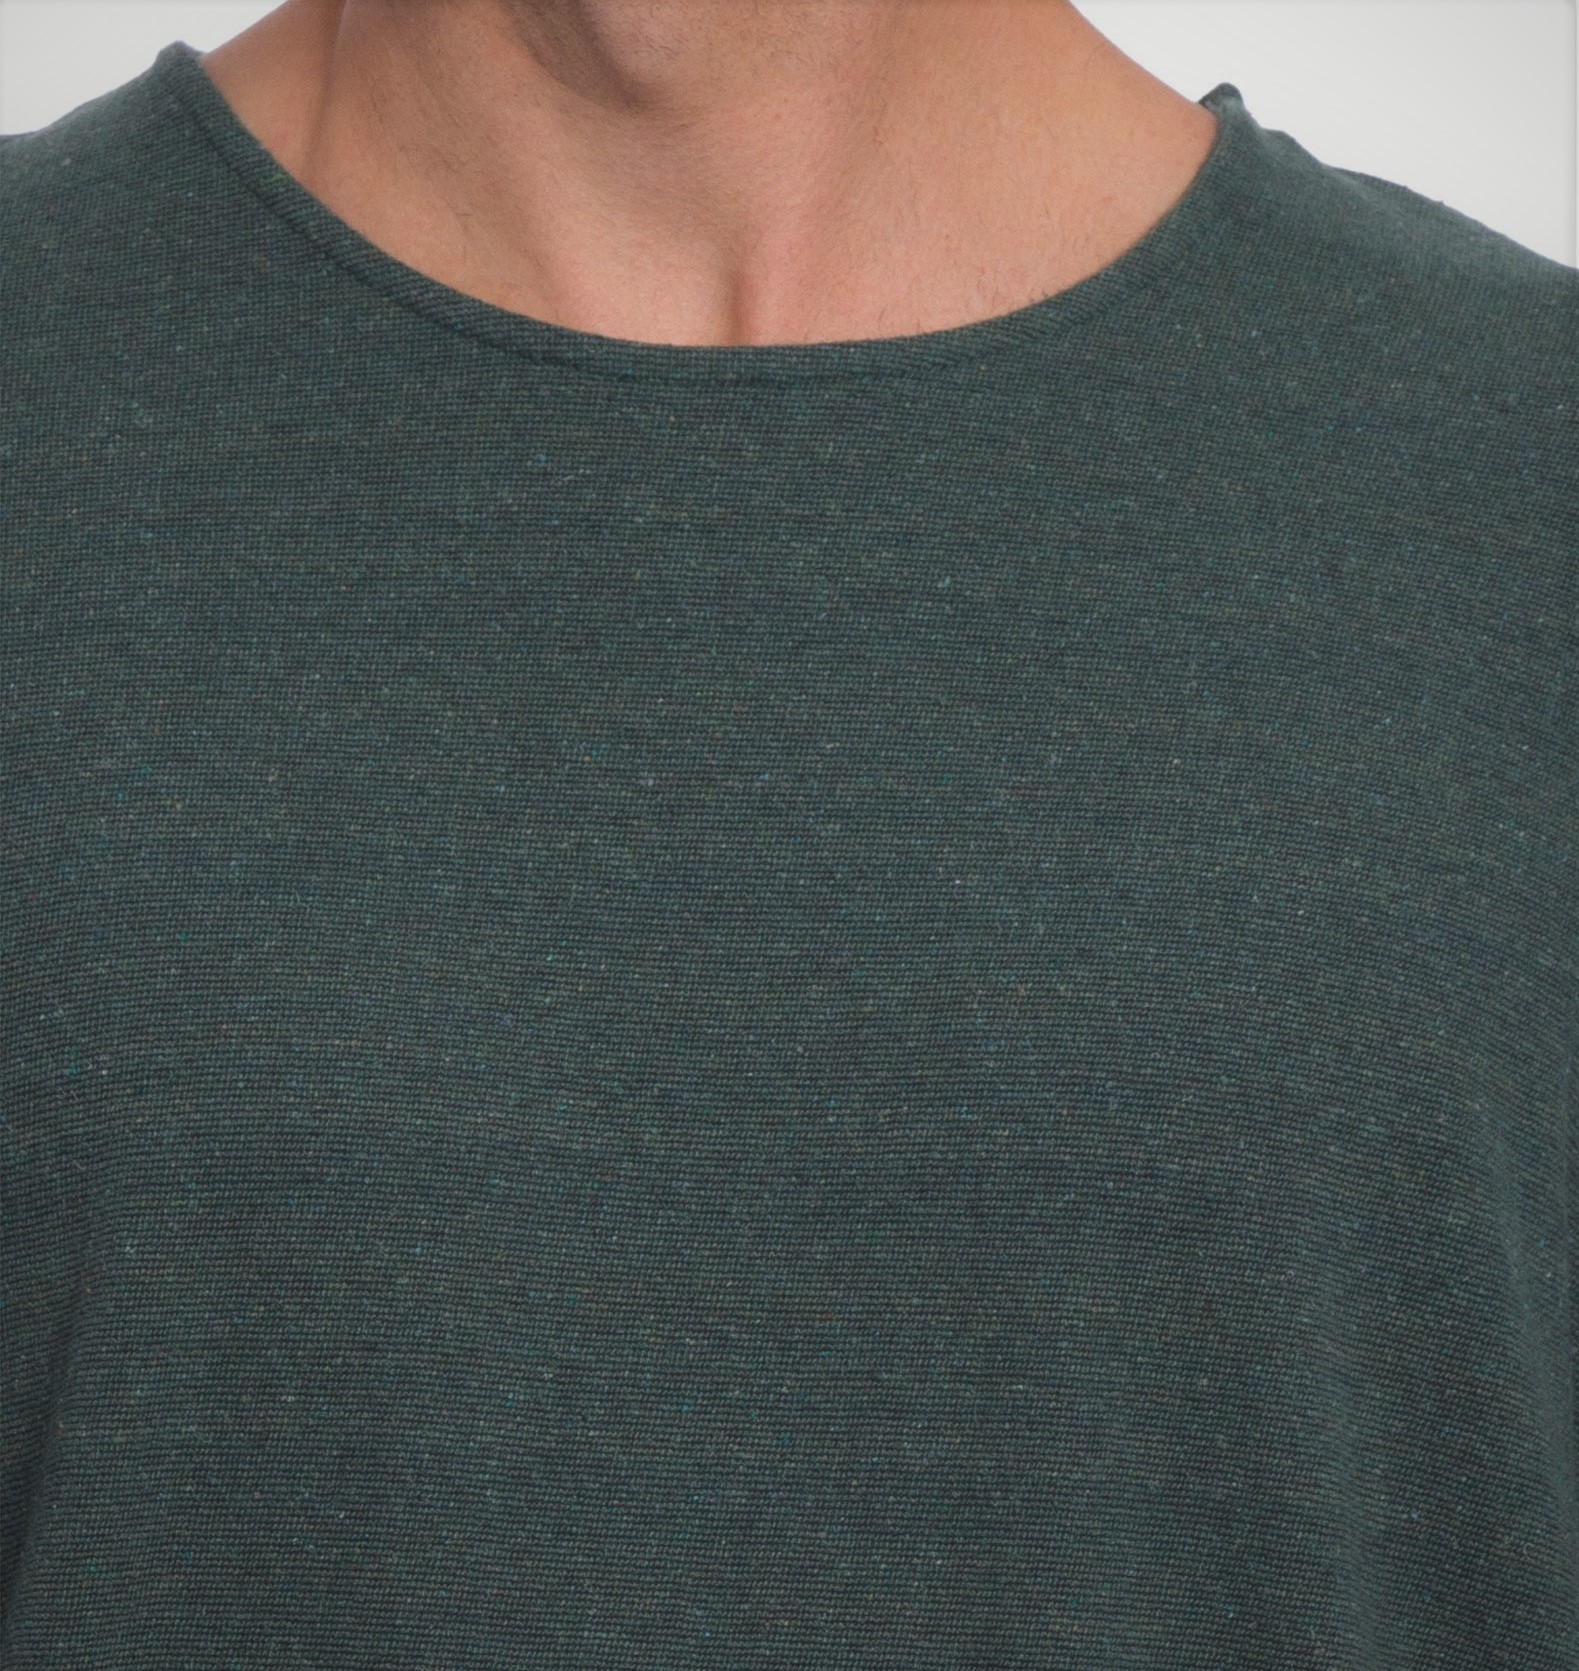 T-shirt over eco rustic breeze